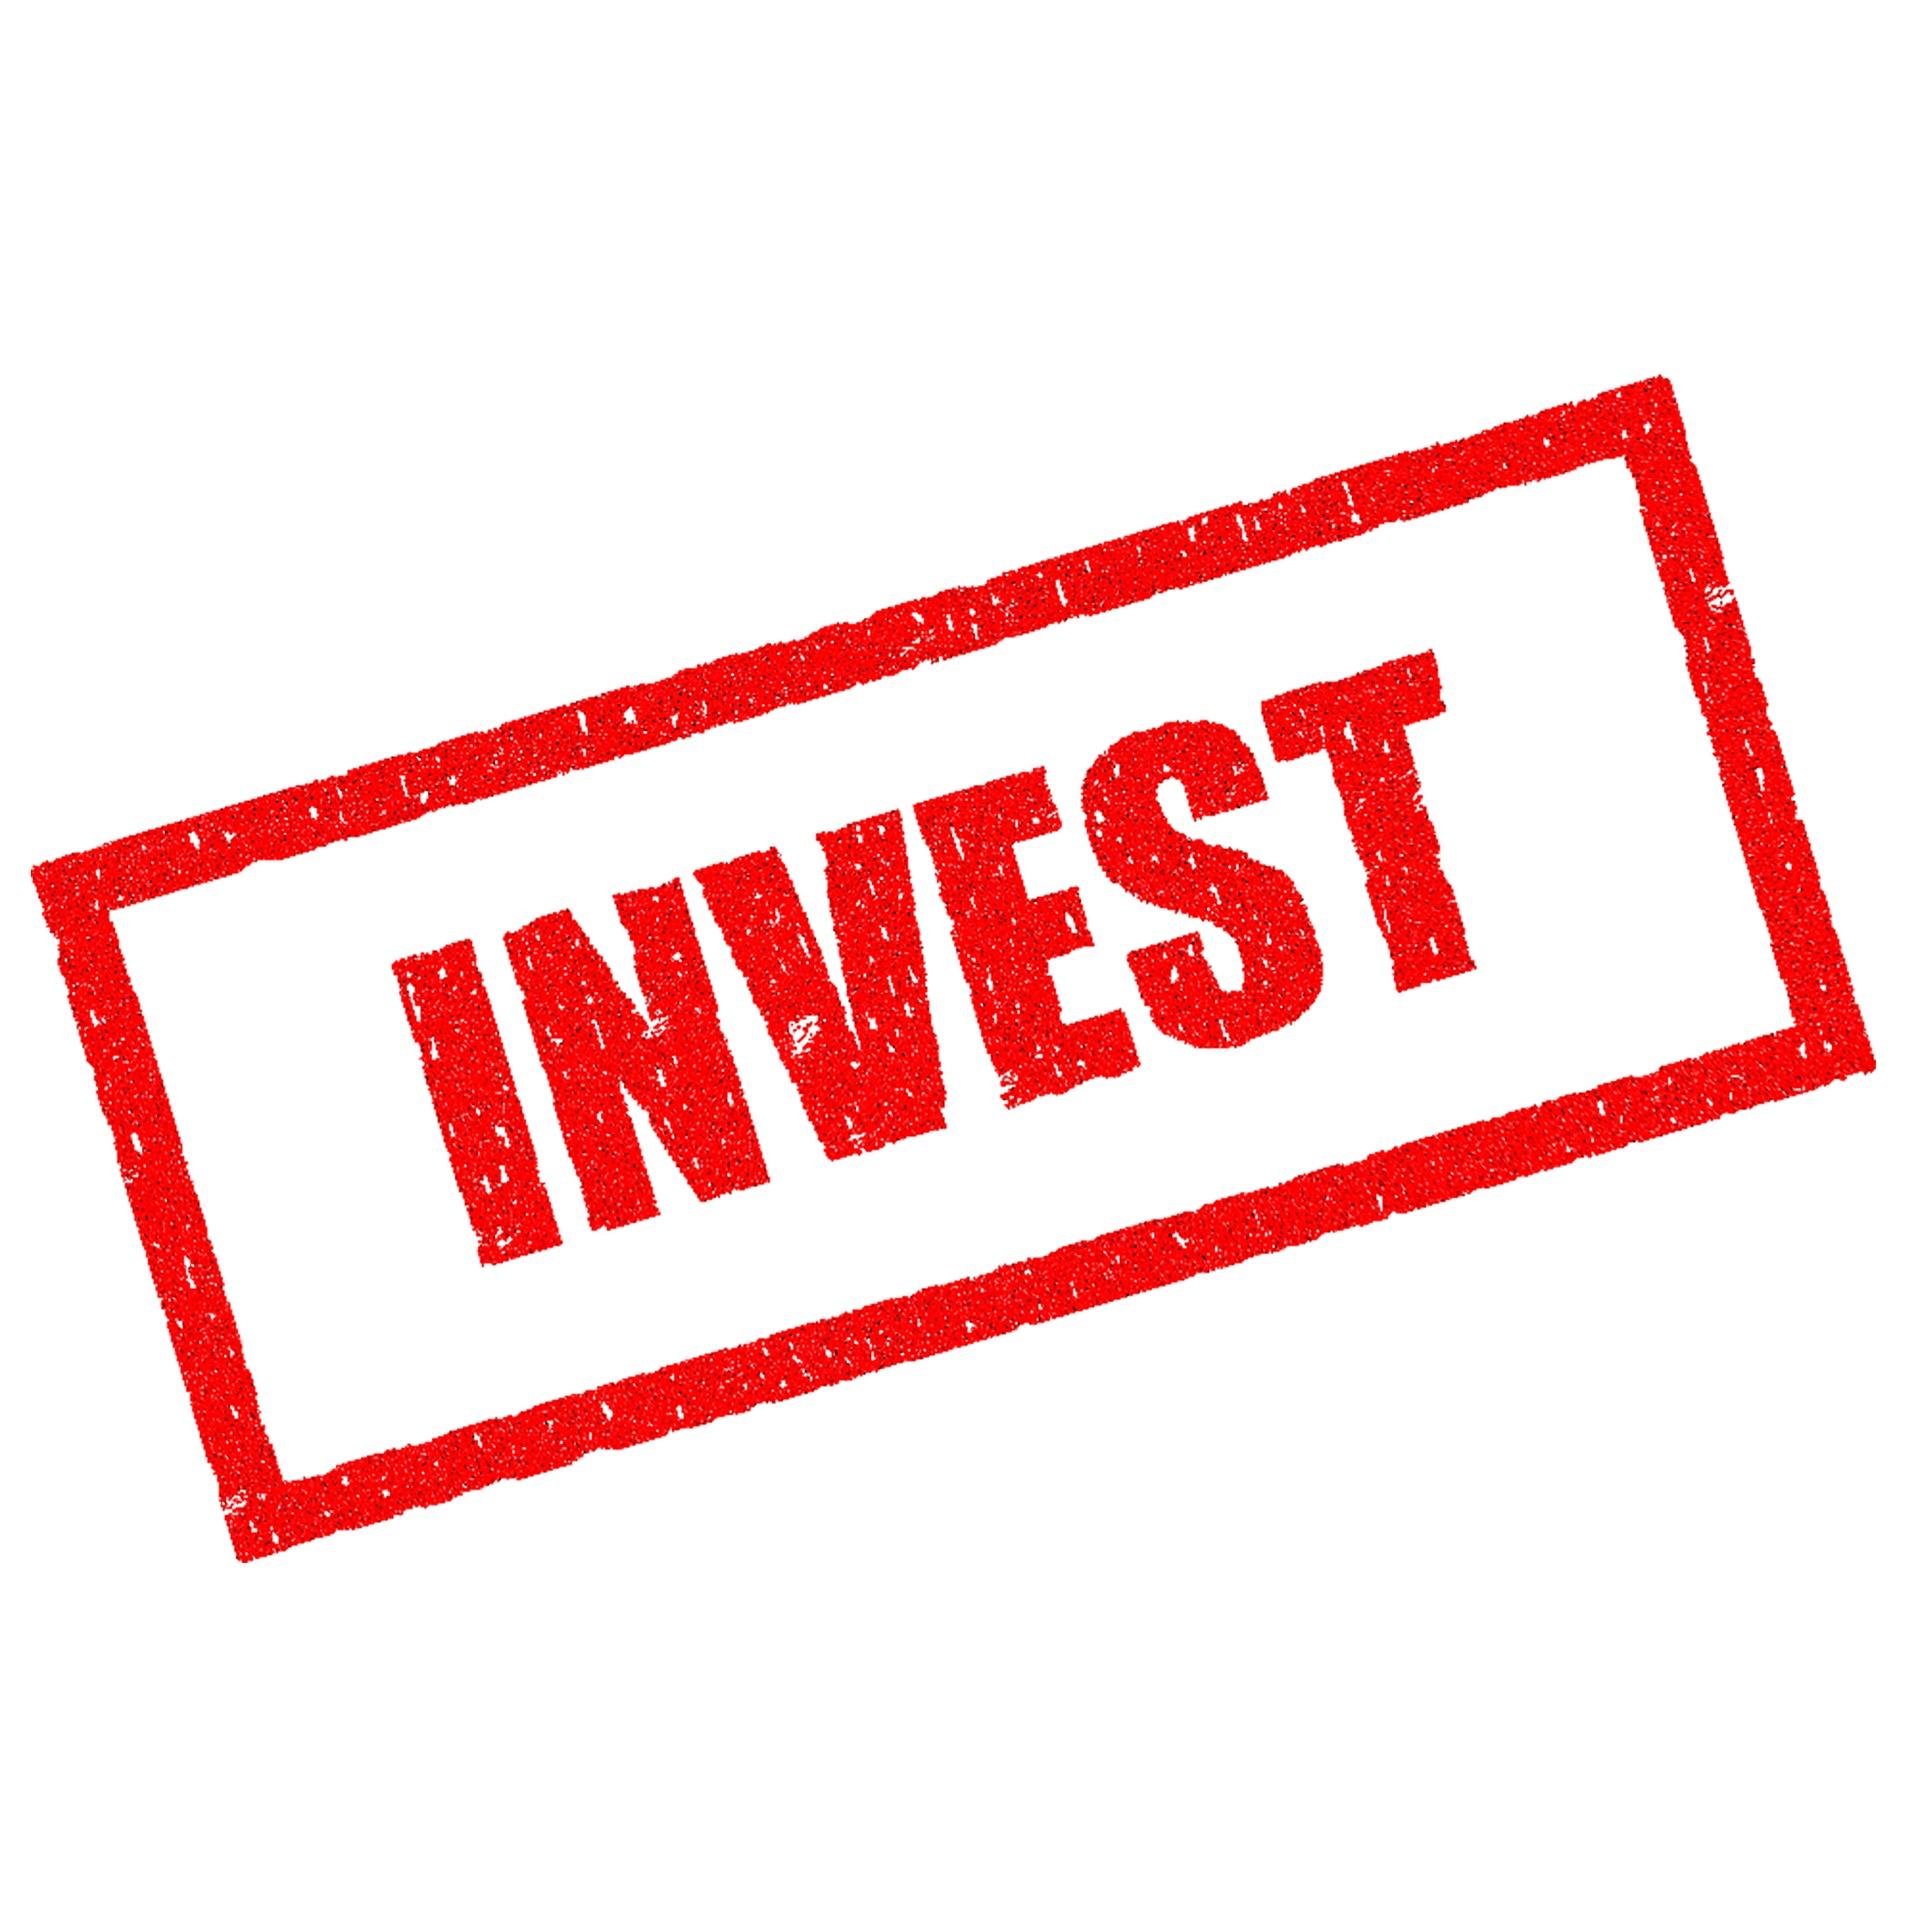 invest-1714373_1920